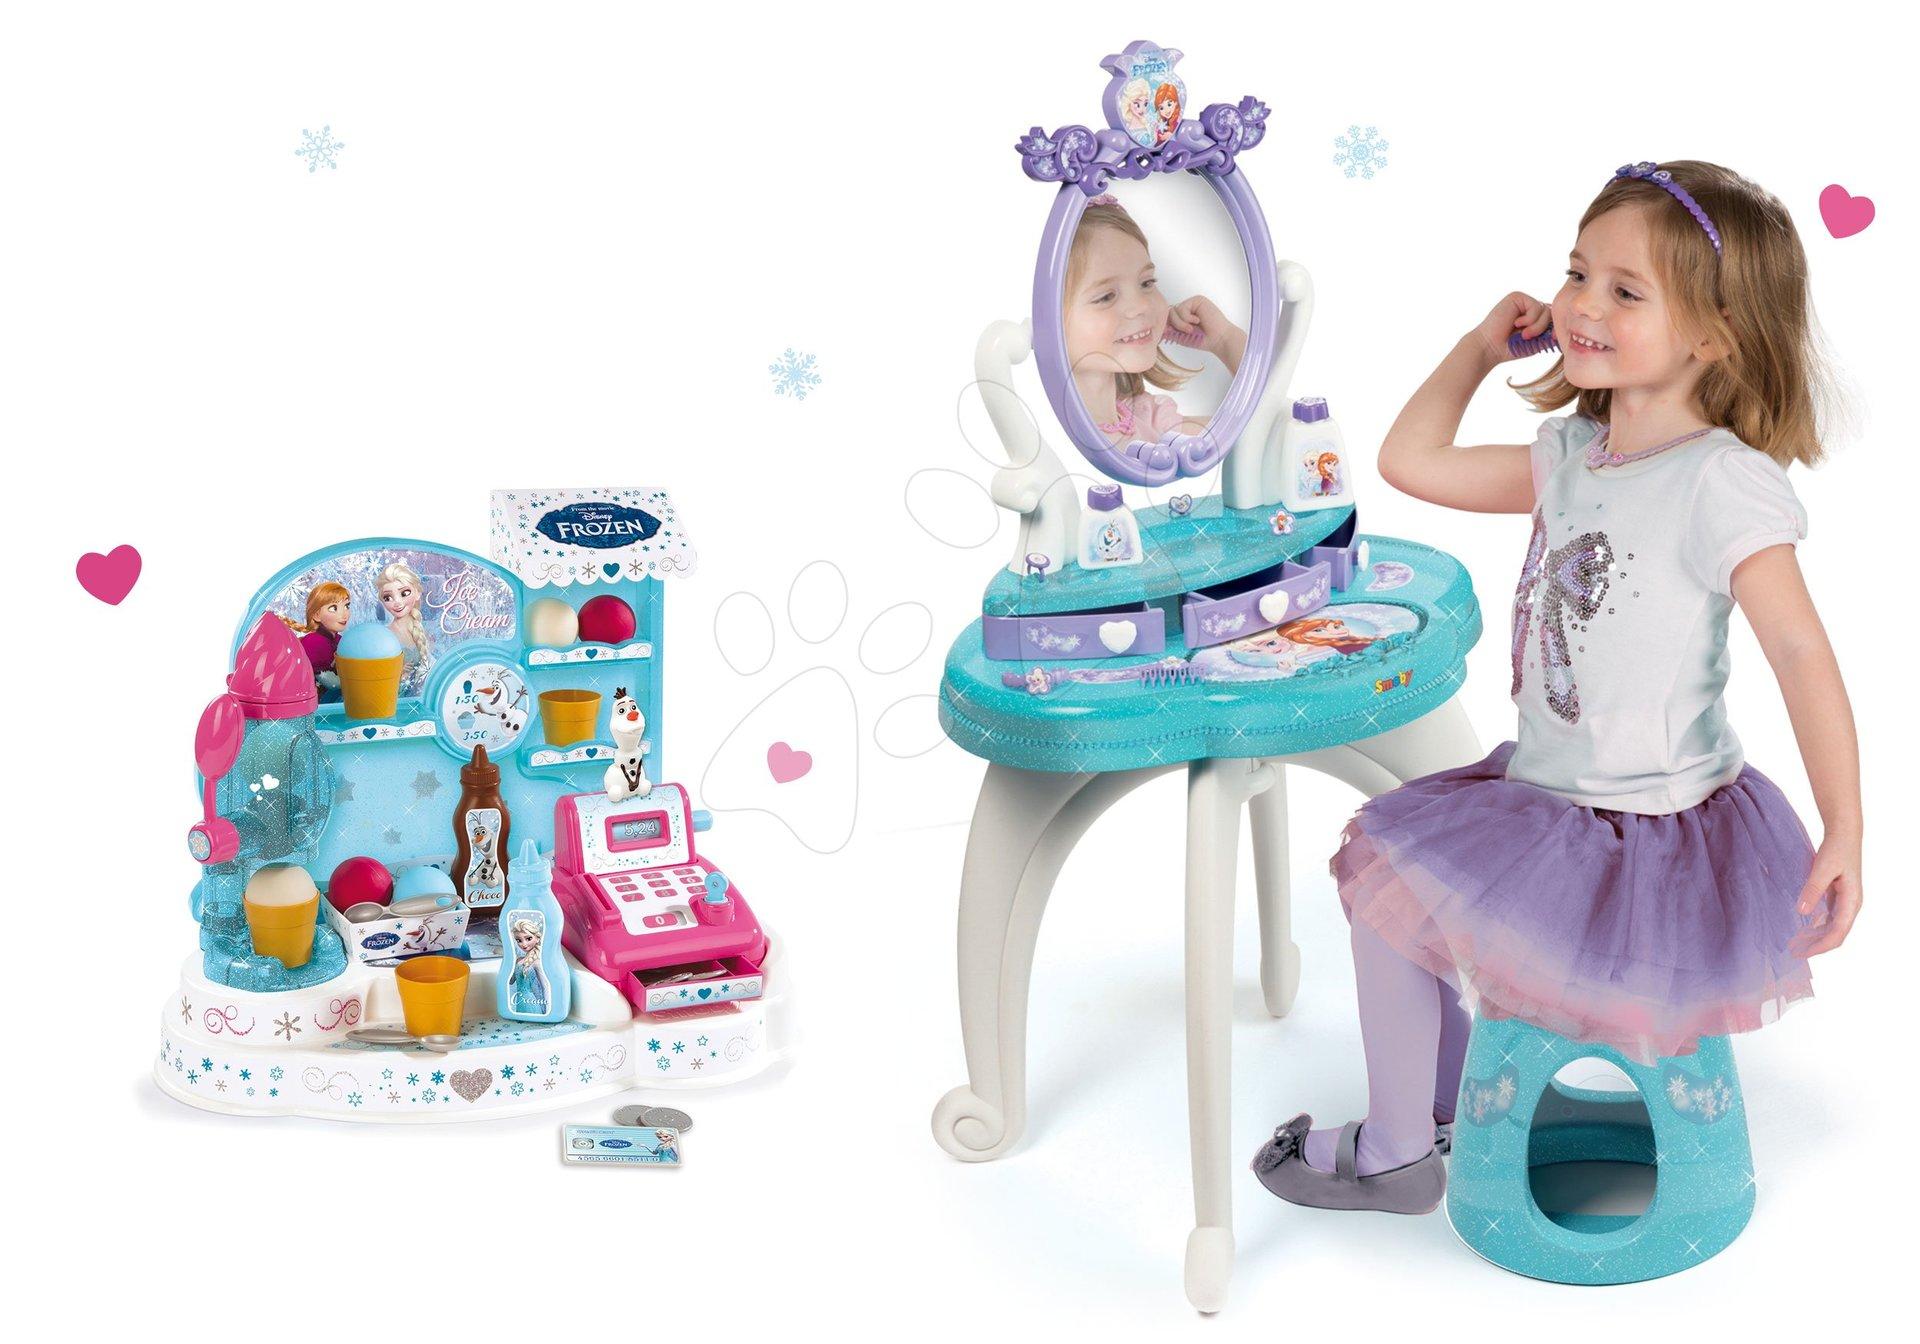 Komplet kozmetična miza Frozen Smoby s stolom in sladoledarna Frozen